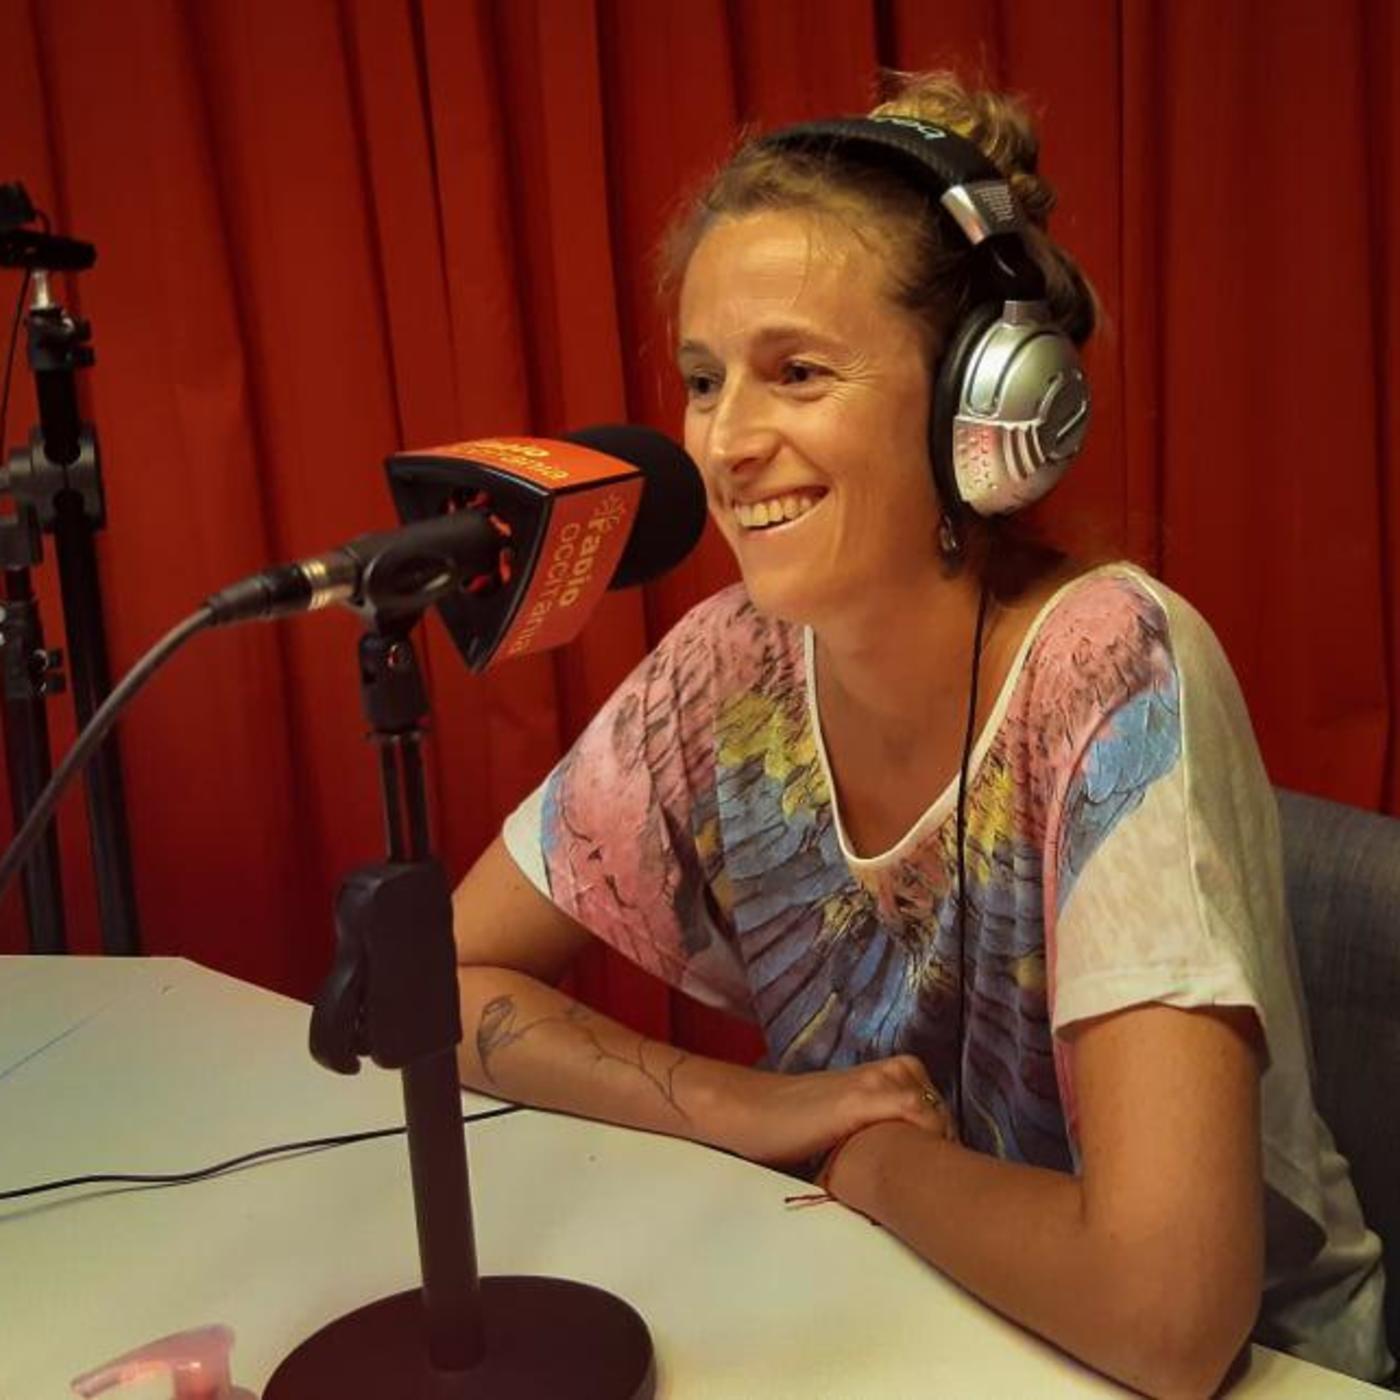 Entrevista de la Loïsa per parlar de la 1èra Edicion del Rural Rock a Mauvaisin (31) (OC)